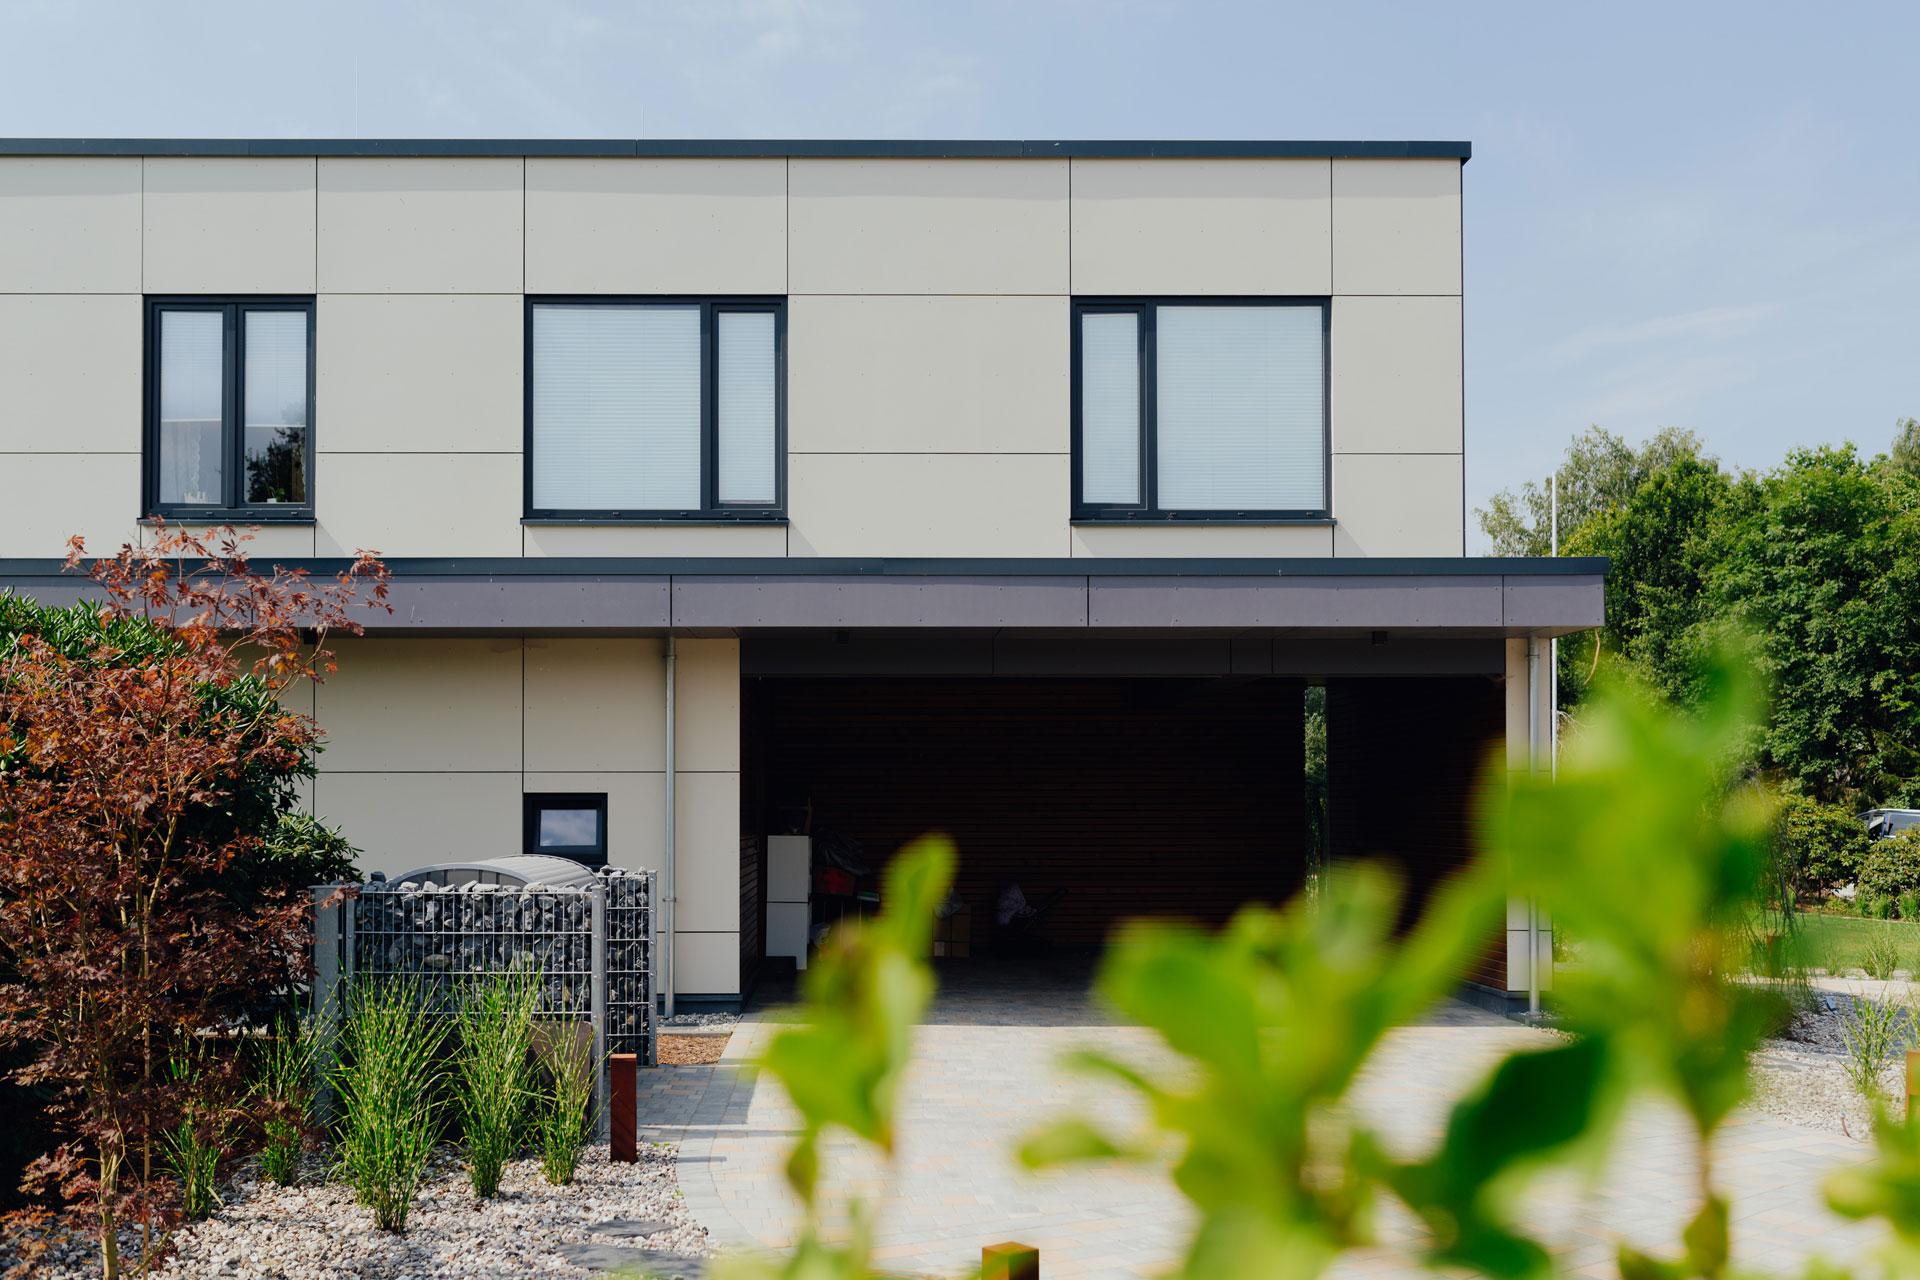 Einfamilienhaus im Landkreis Bad Doberan (07) / Detail